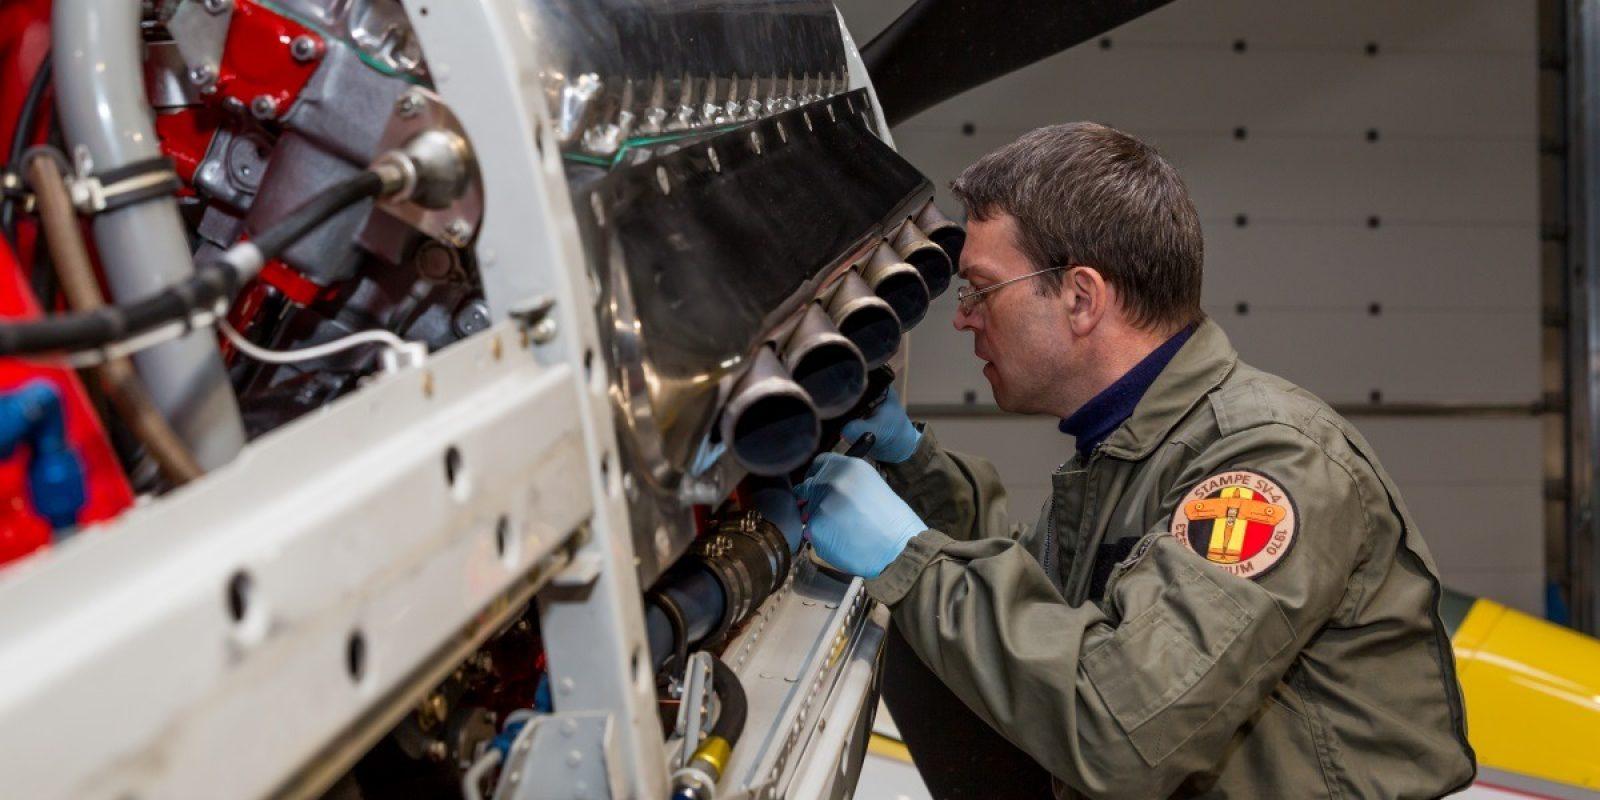 Technisch controleur van het DGLV tijdens de inspectie voor de vernieuwing van het bewijs van luchtwaardigheid van een Mustang. (Foto Directoraat-generaal Luchtvaart)